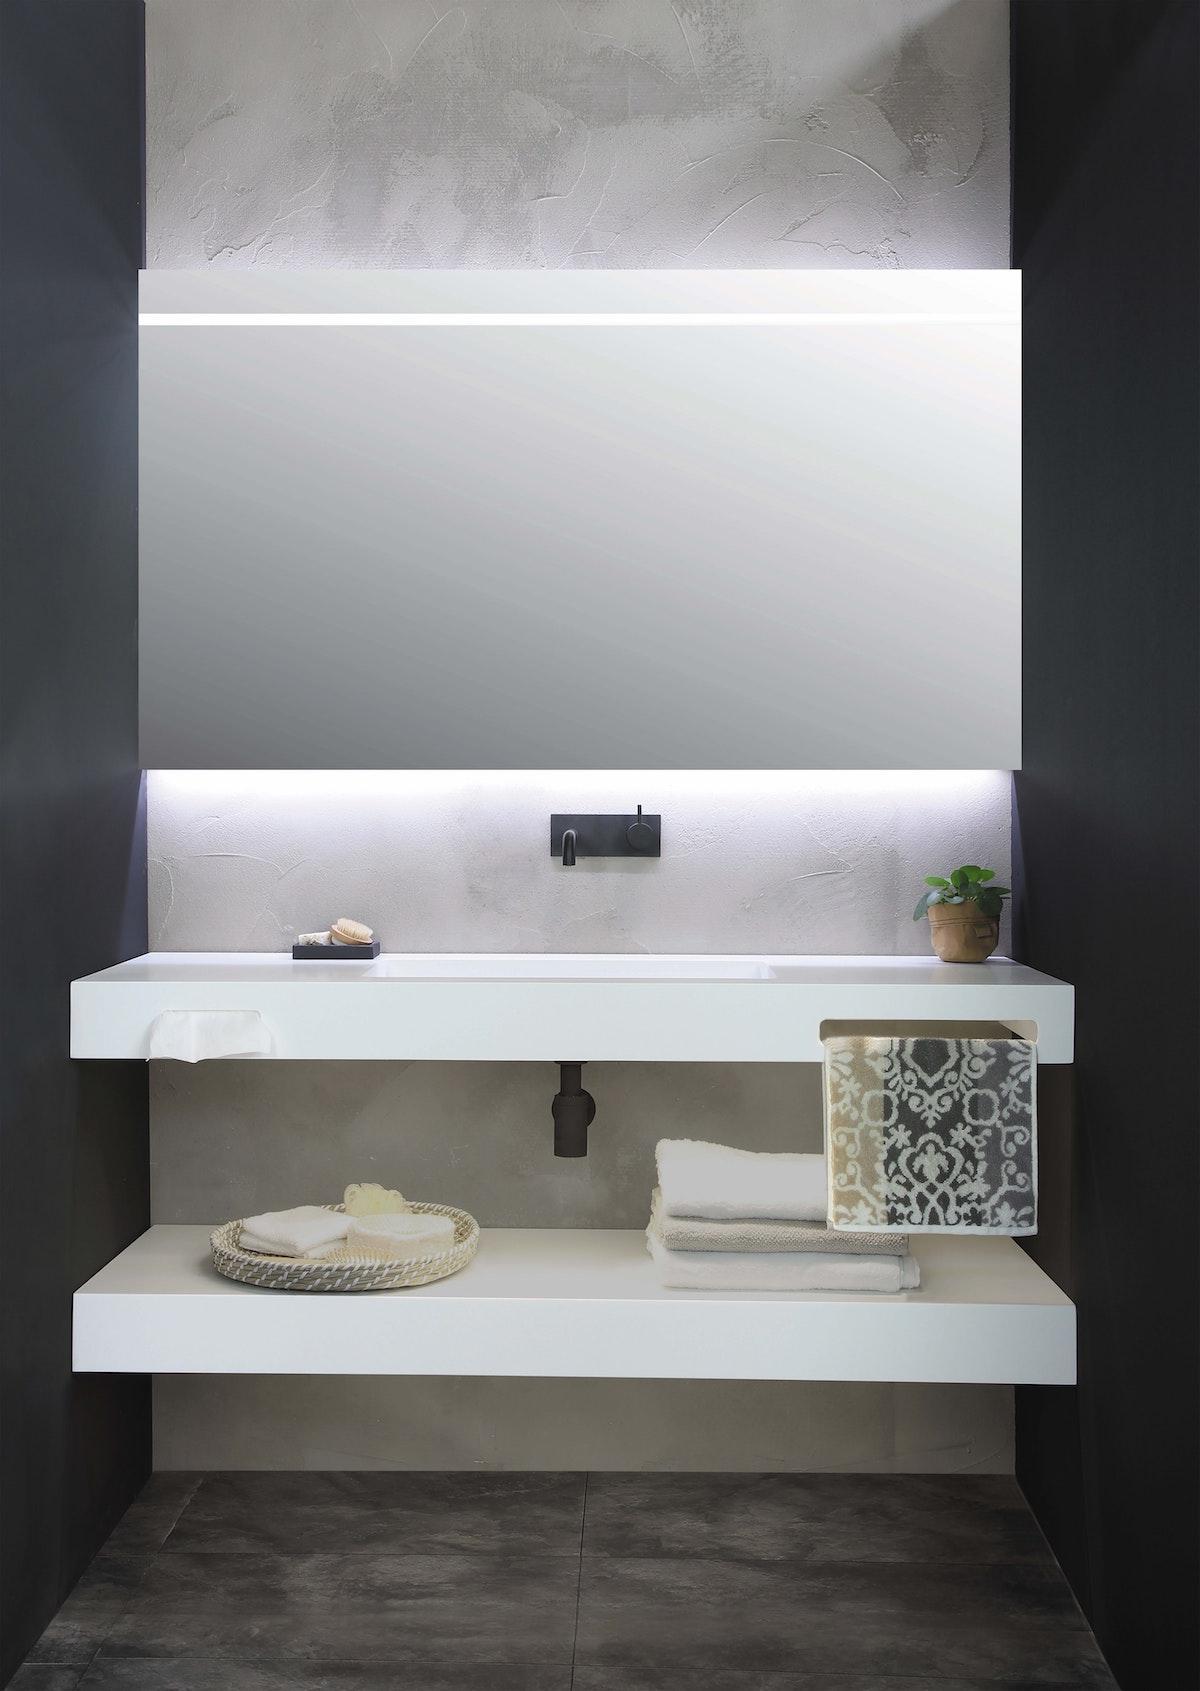 Mounted Bathroom Shelf